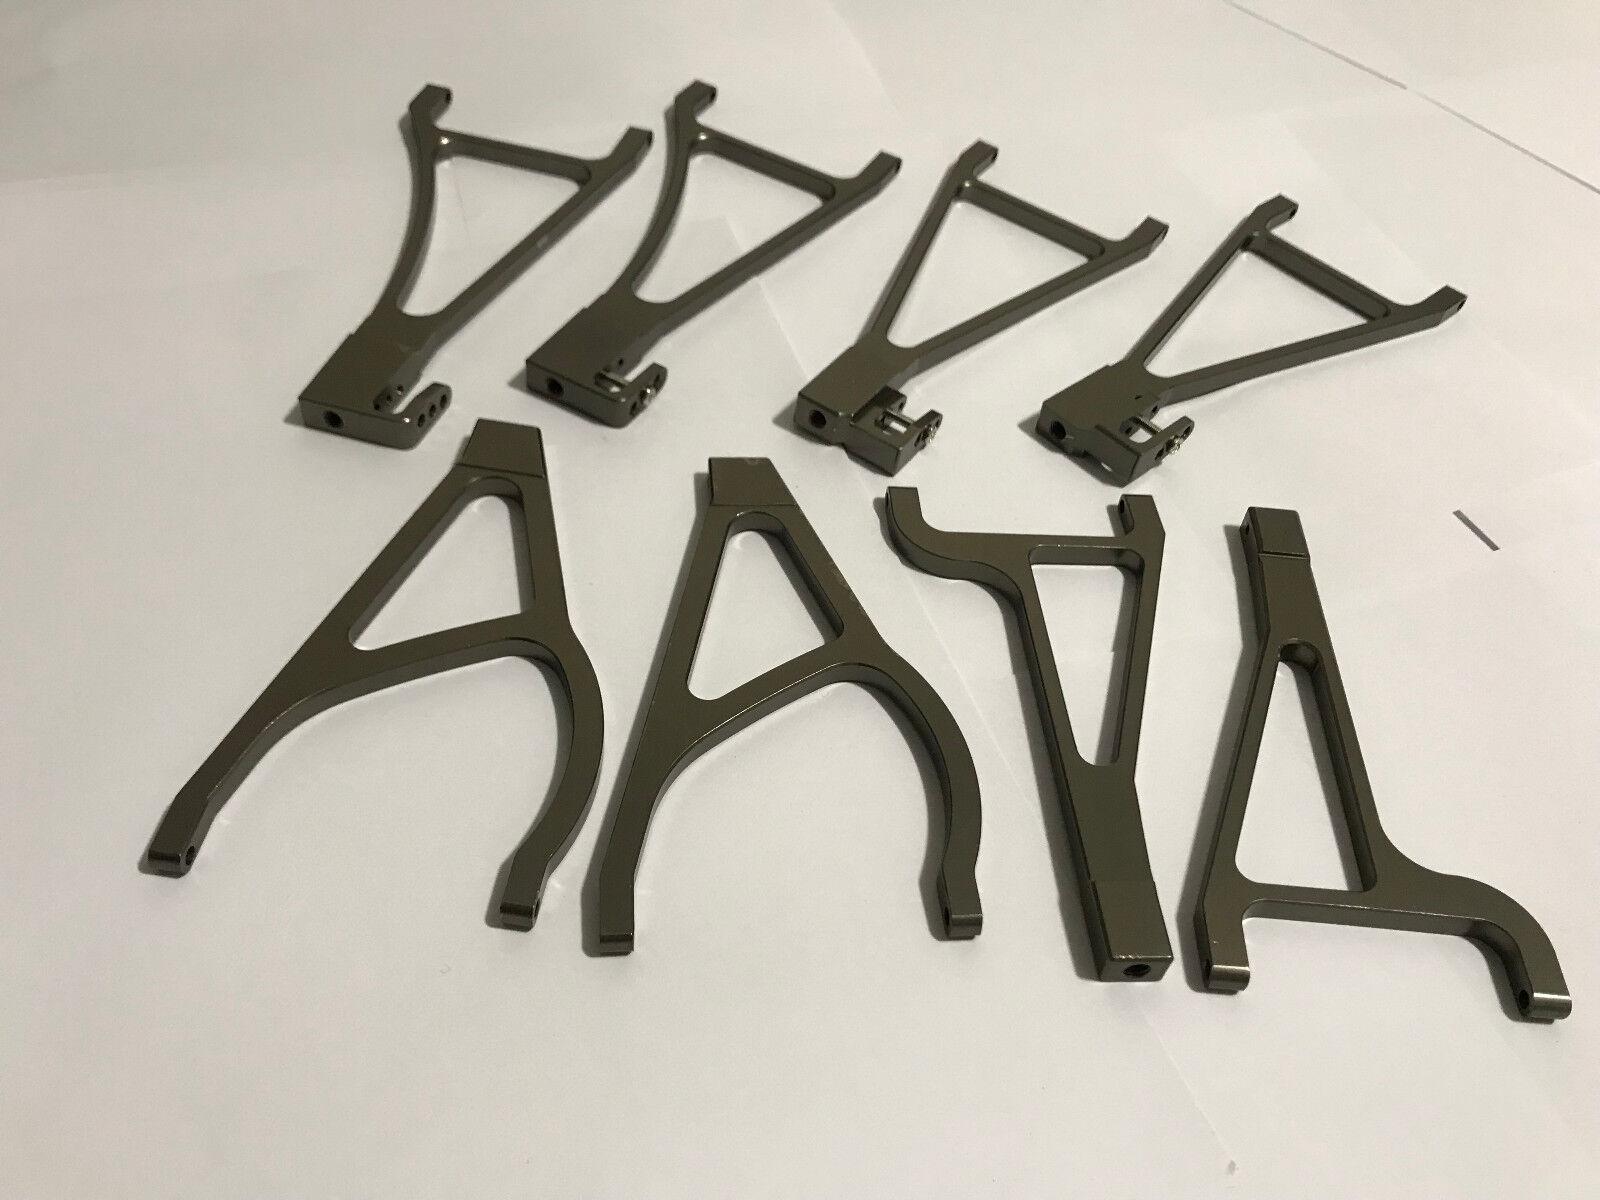 8 un. Conjunto de brazo completo de aluminio para Traxxas Revo e-Revo BW